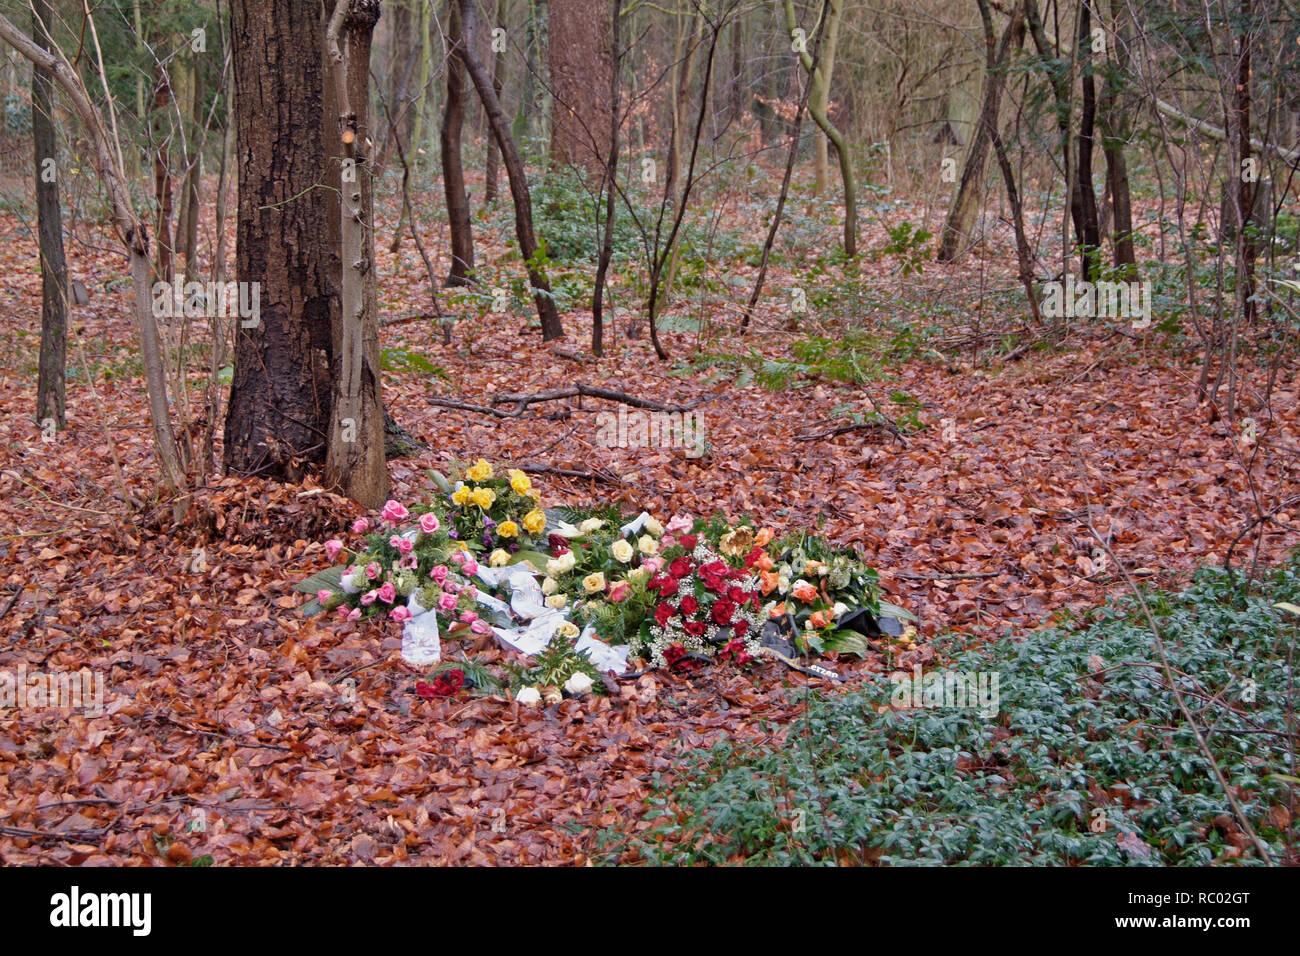 Südwest Kirchhof Stahnsdorf, Urnenhain, Berlin, Deutschland, Europa | Southwest Churchyard Stahnsdorf, Südwest Kirchhof, Berlin, Germany, Europe Stock Photo